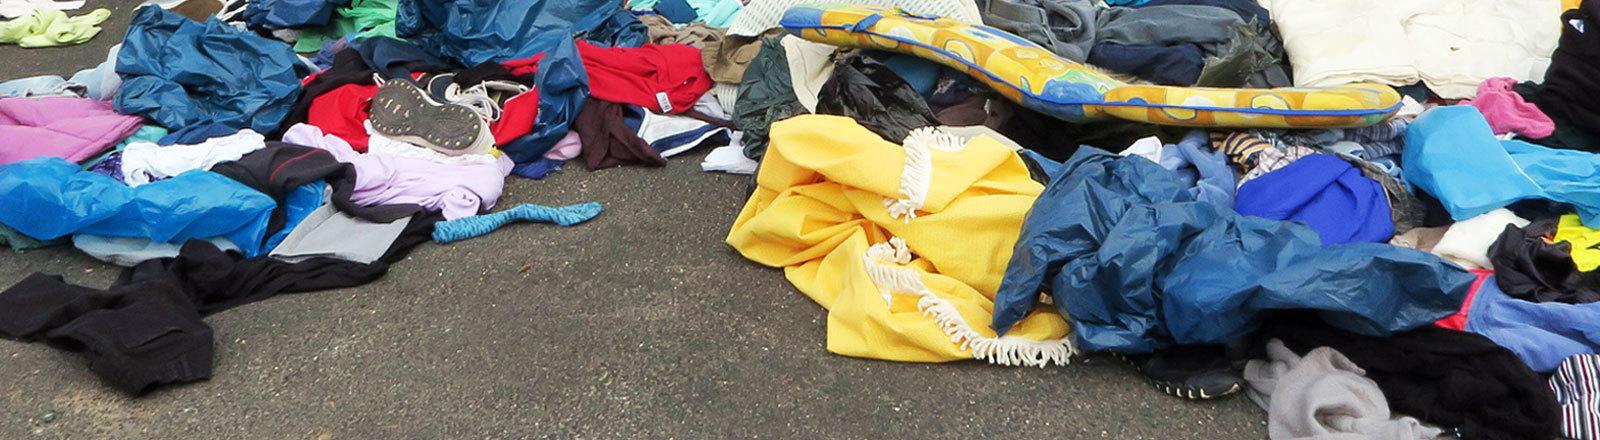 Altkleider liegen verstreut vor einem Sammelcontainer von Kolping International